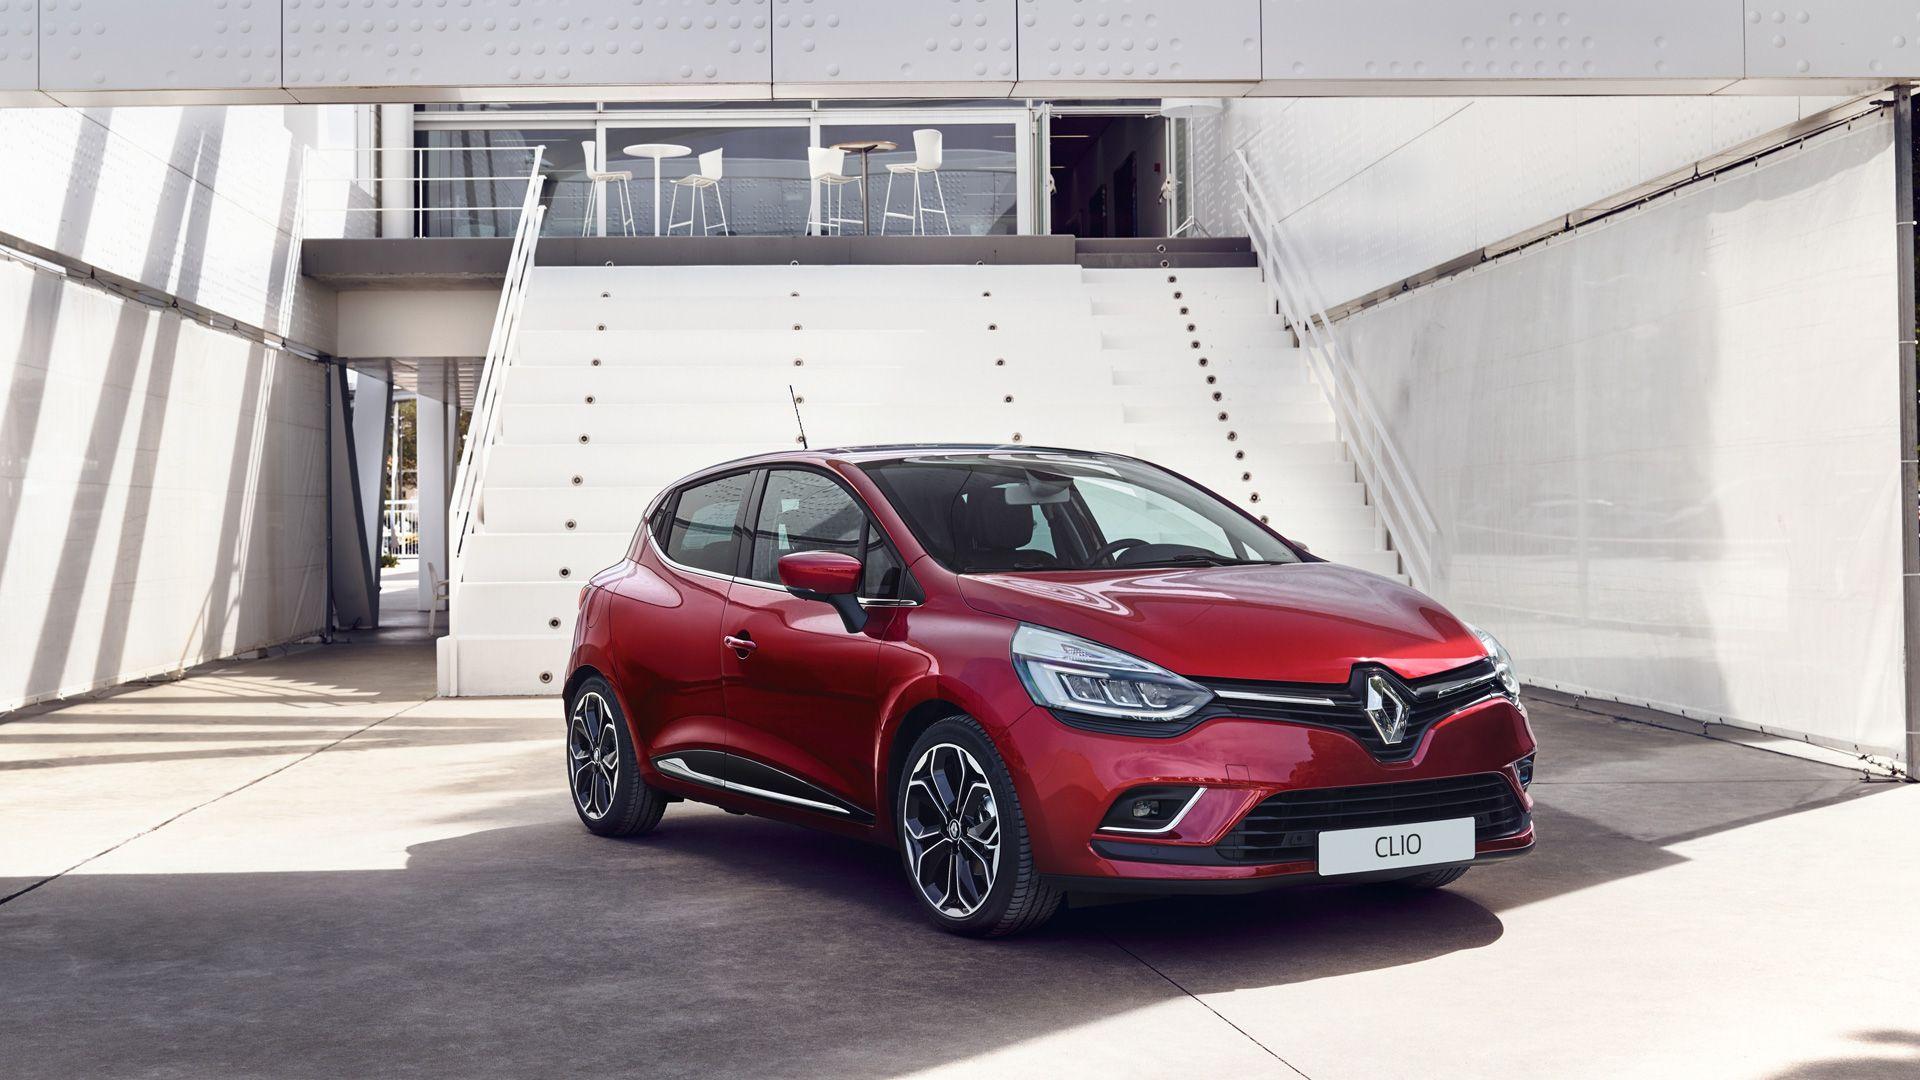 Renault Clio Oferta Septiembre